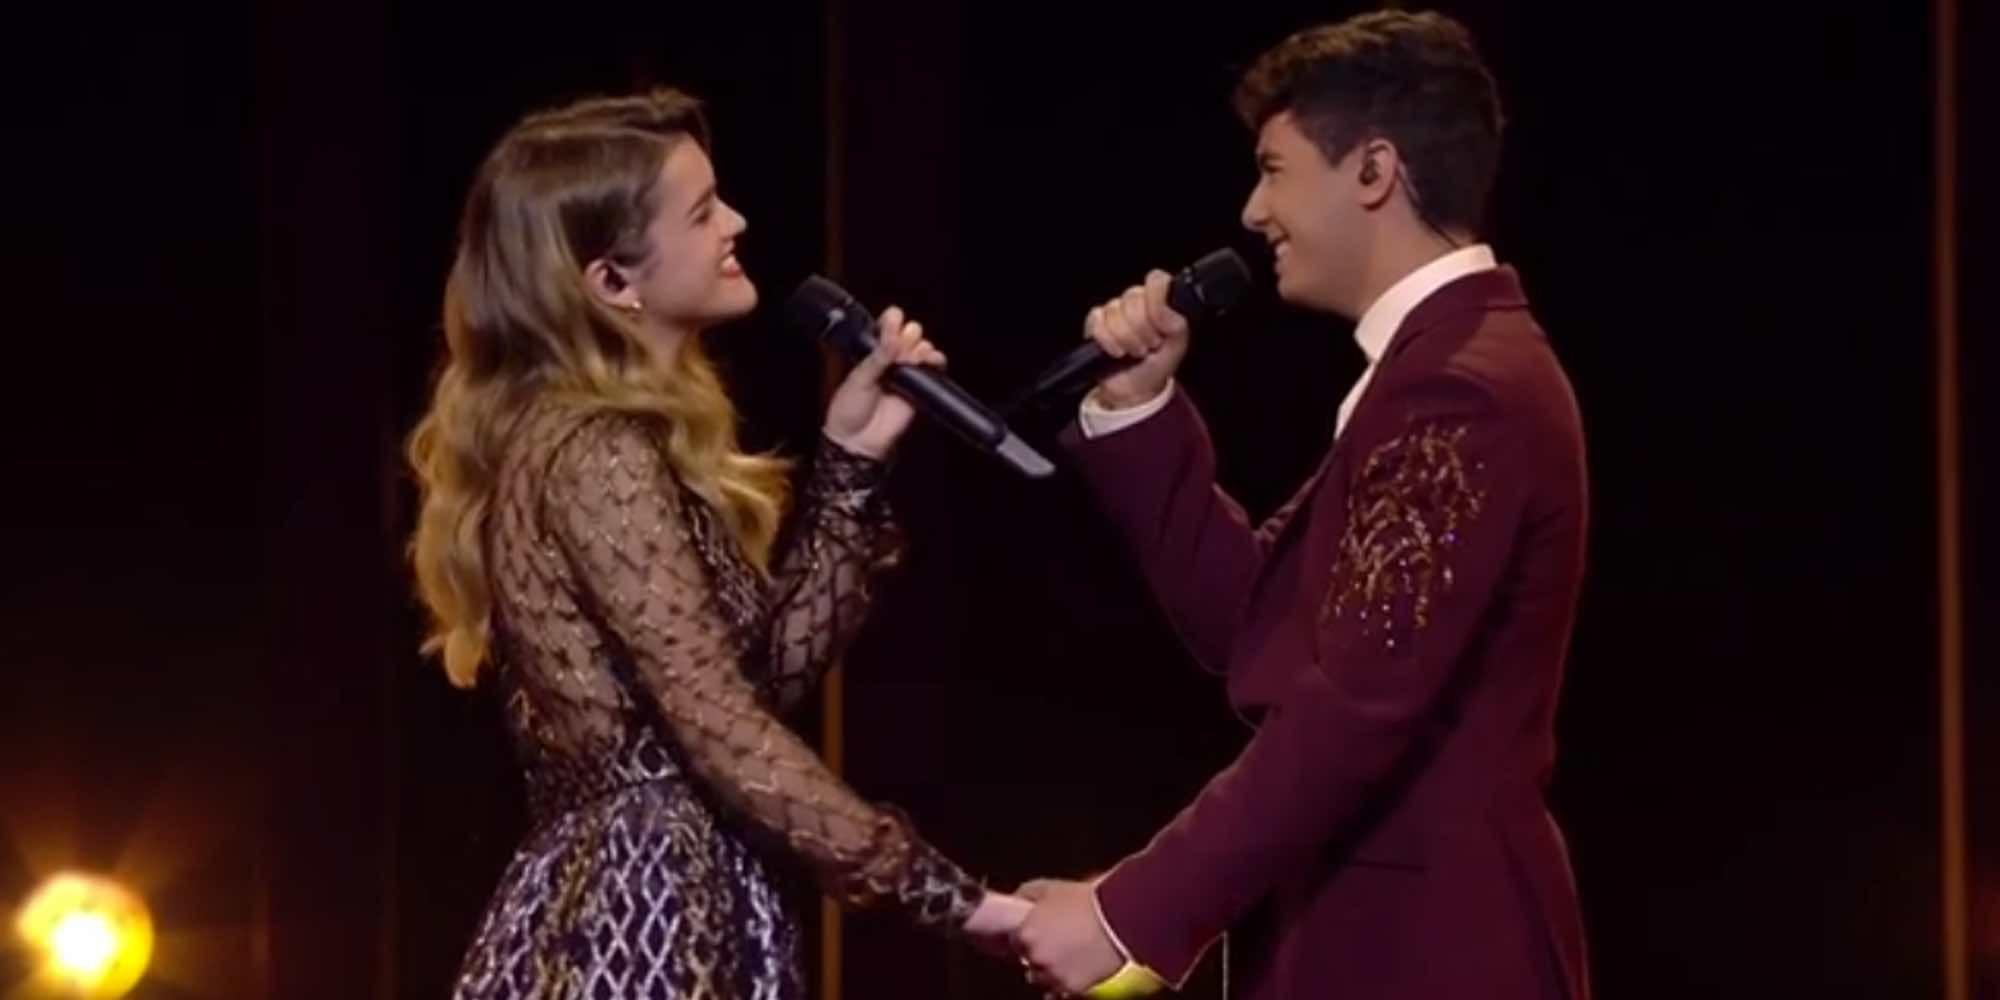 Así ha sido la romántica actuación de Amaia y Alfred con 'Tu canción' en el Festival de Eurovisión 2018